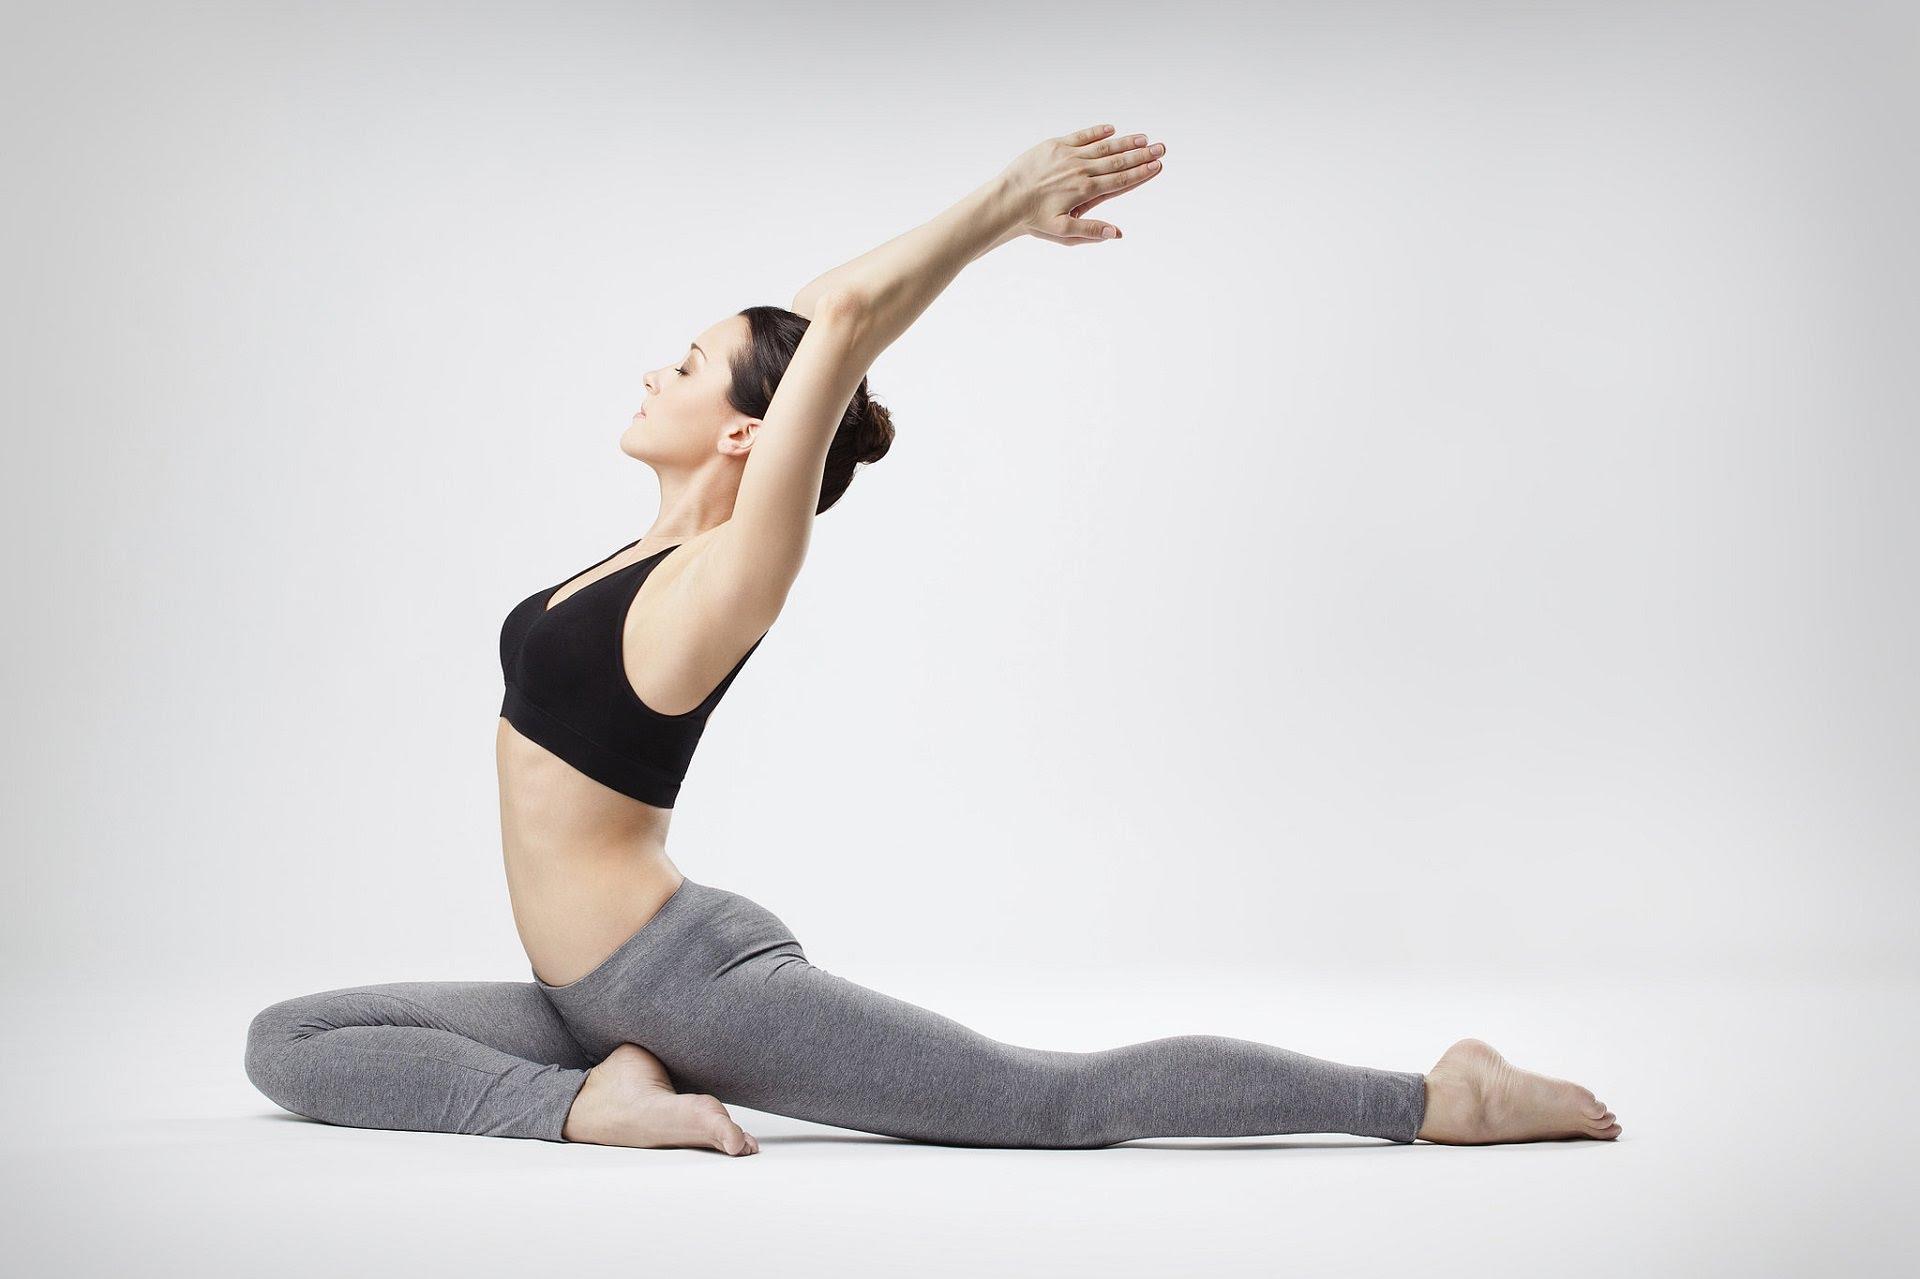 diem-danh-cac-bai-tap-yoga-don-gian-co-the-thuc-hien-tai-nha2